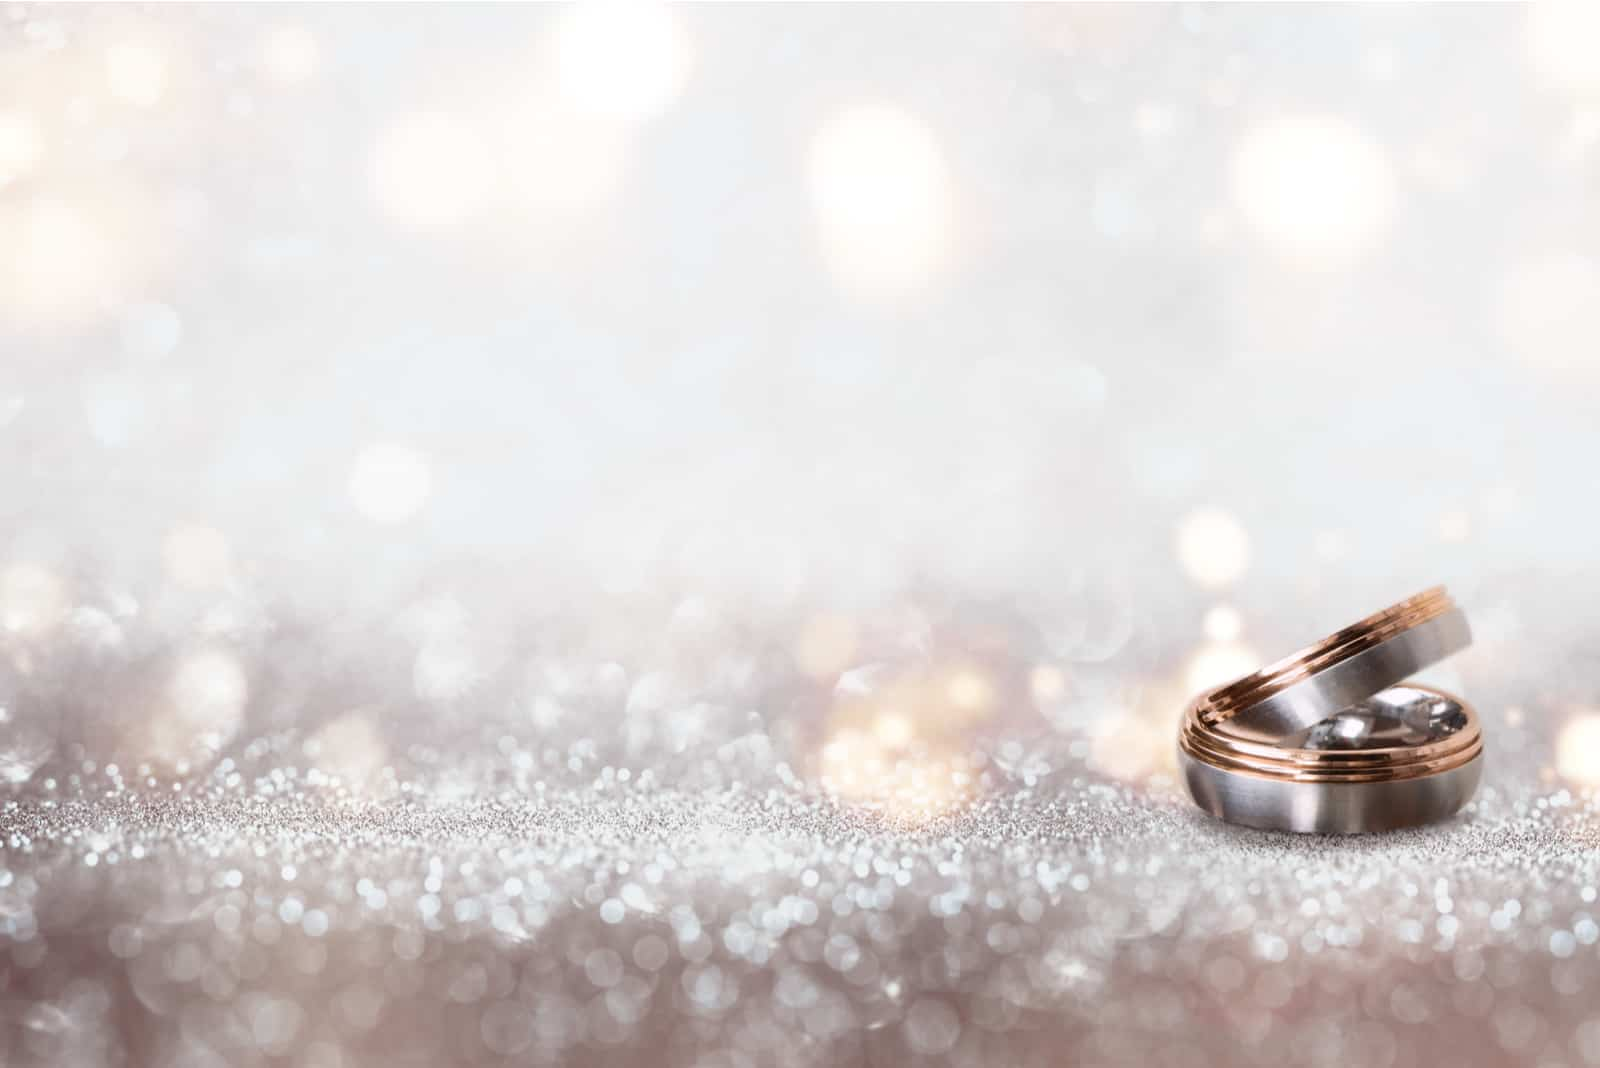 Abstrakter silberner Glitzer-Bokehhintergrund mit Eheringen für eine Einladung